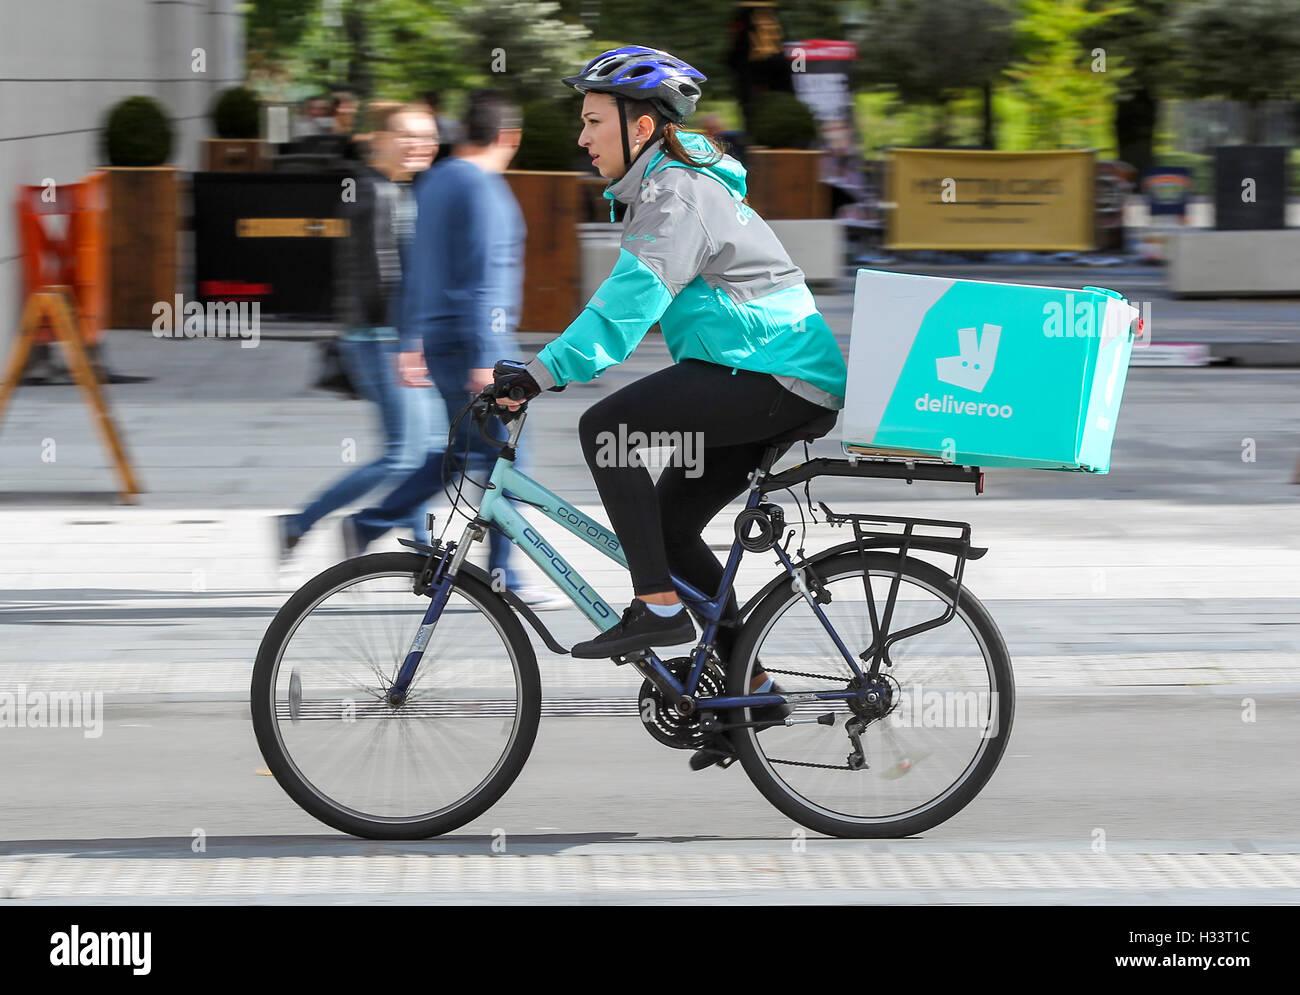 Una mujer ciclista Deliveroo cabalgando con un paquete en su bicicleta Imagen De Stock